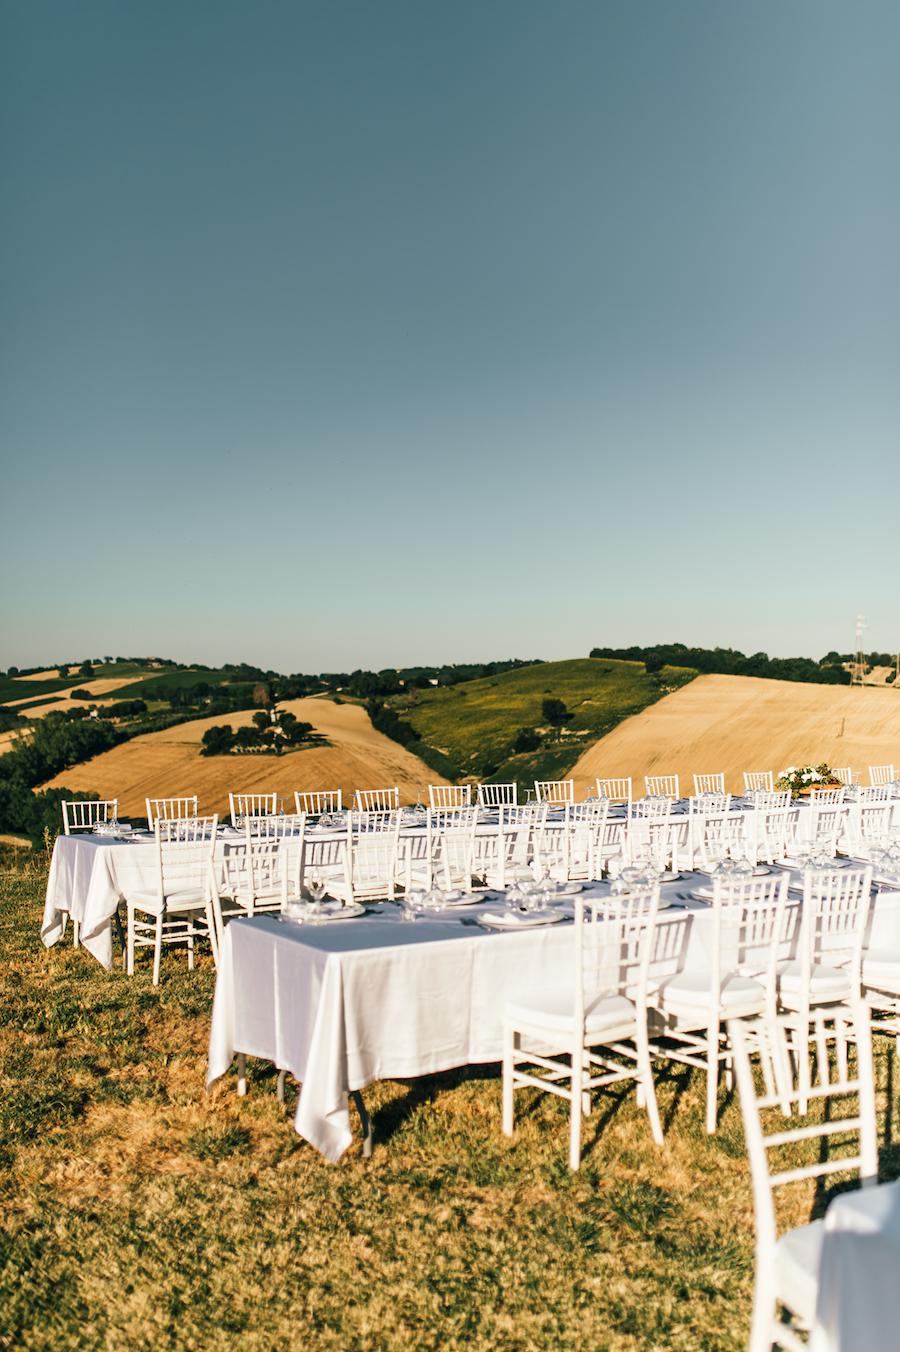 Matrimonio In Spiaggia Nelle Marche : Un matrimonio in giardino nelle marche wedding wonderland